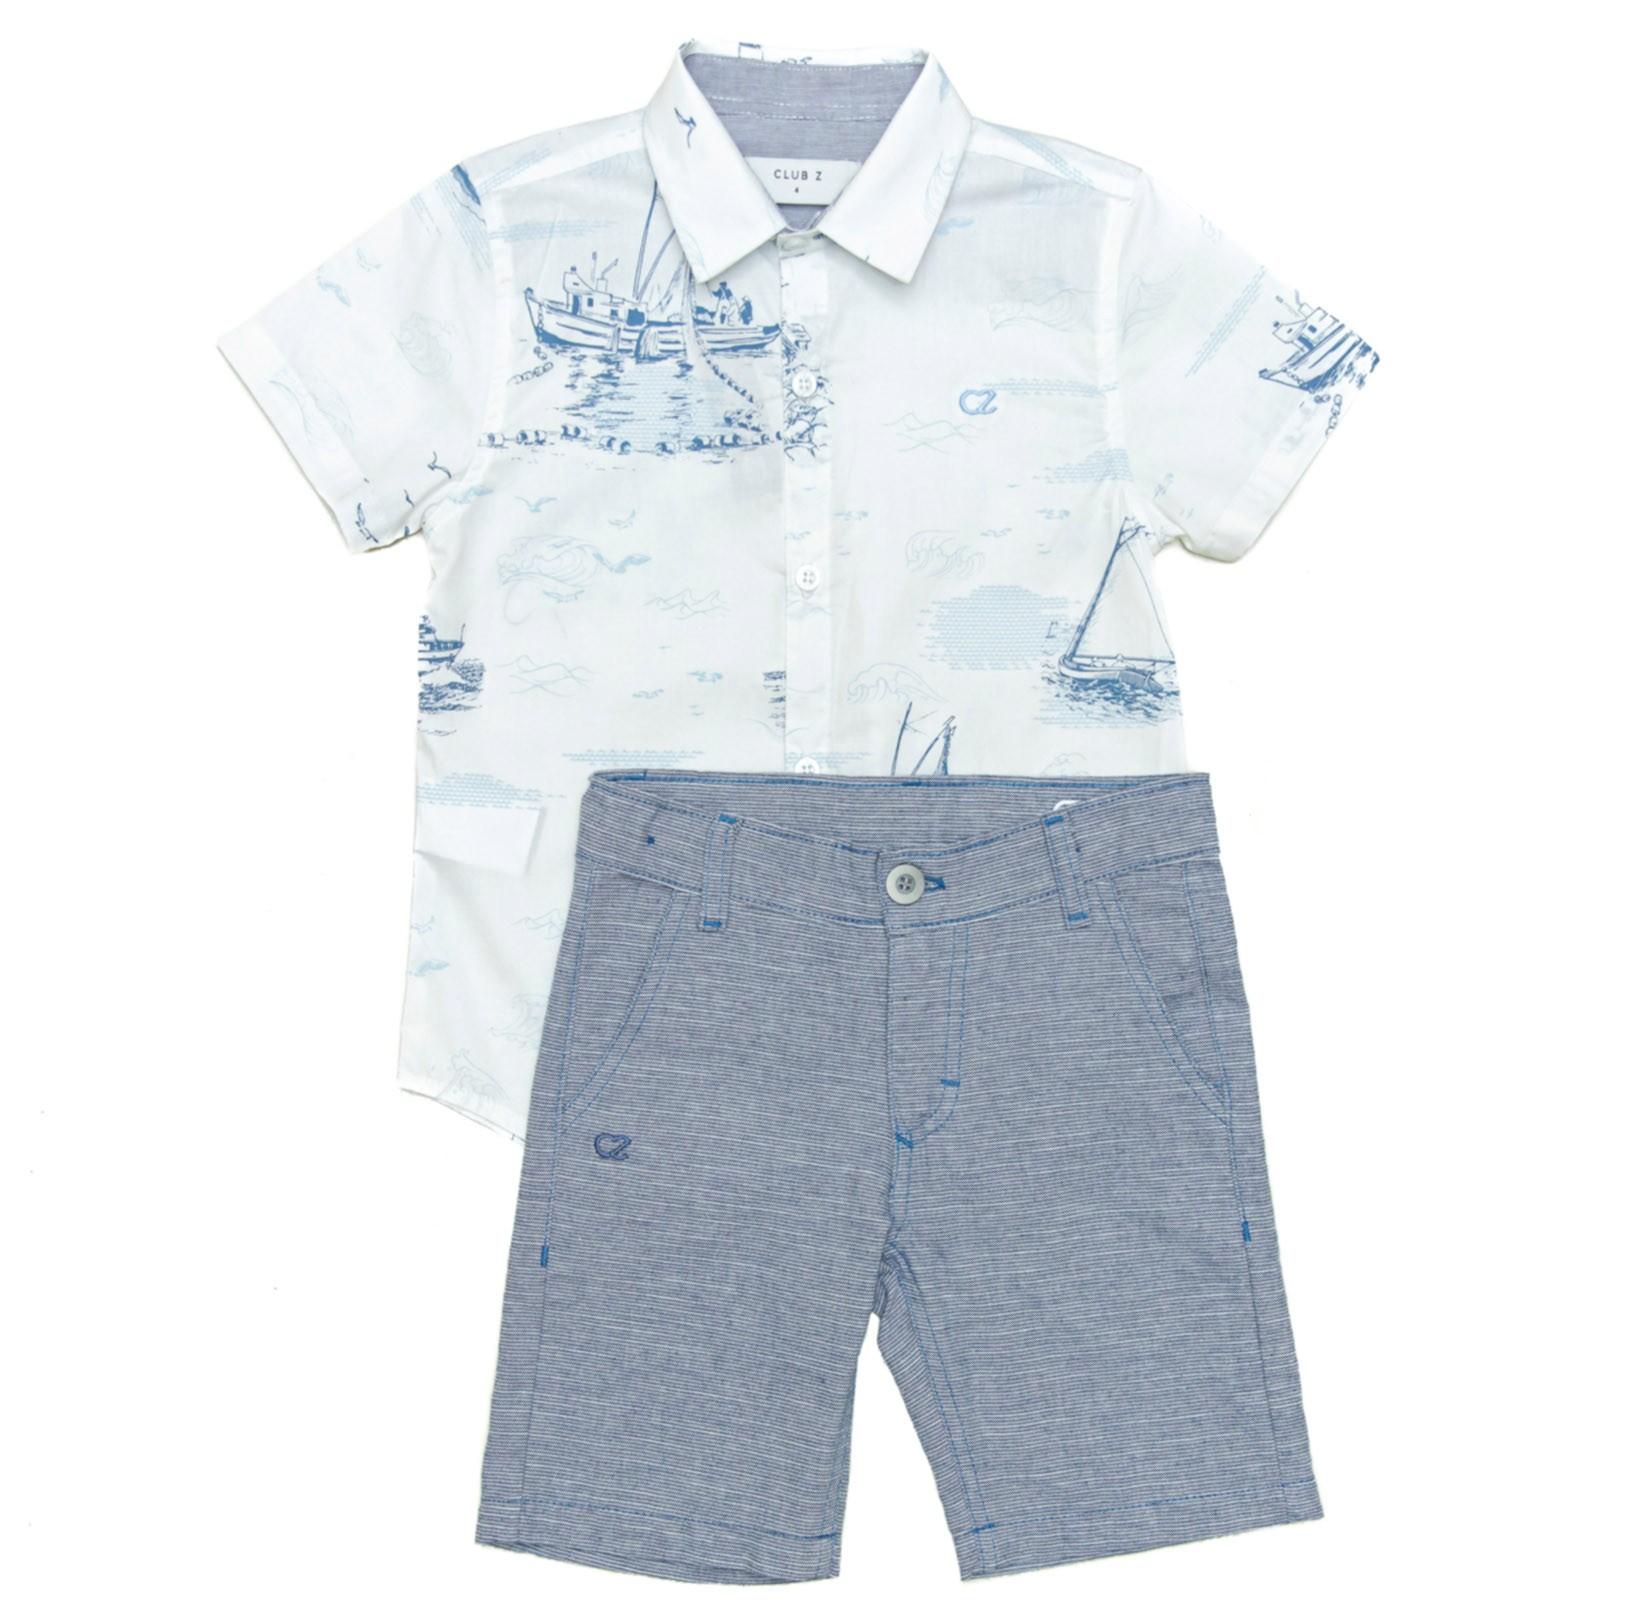 Conjunto Infantil Masculino Camisa e Bermuda Sarja Club Z